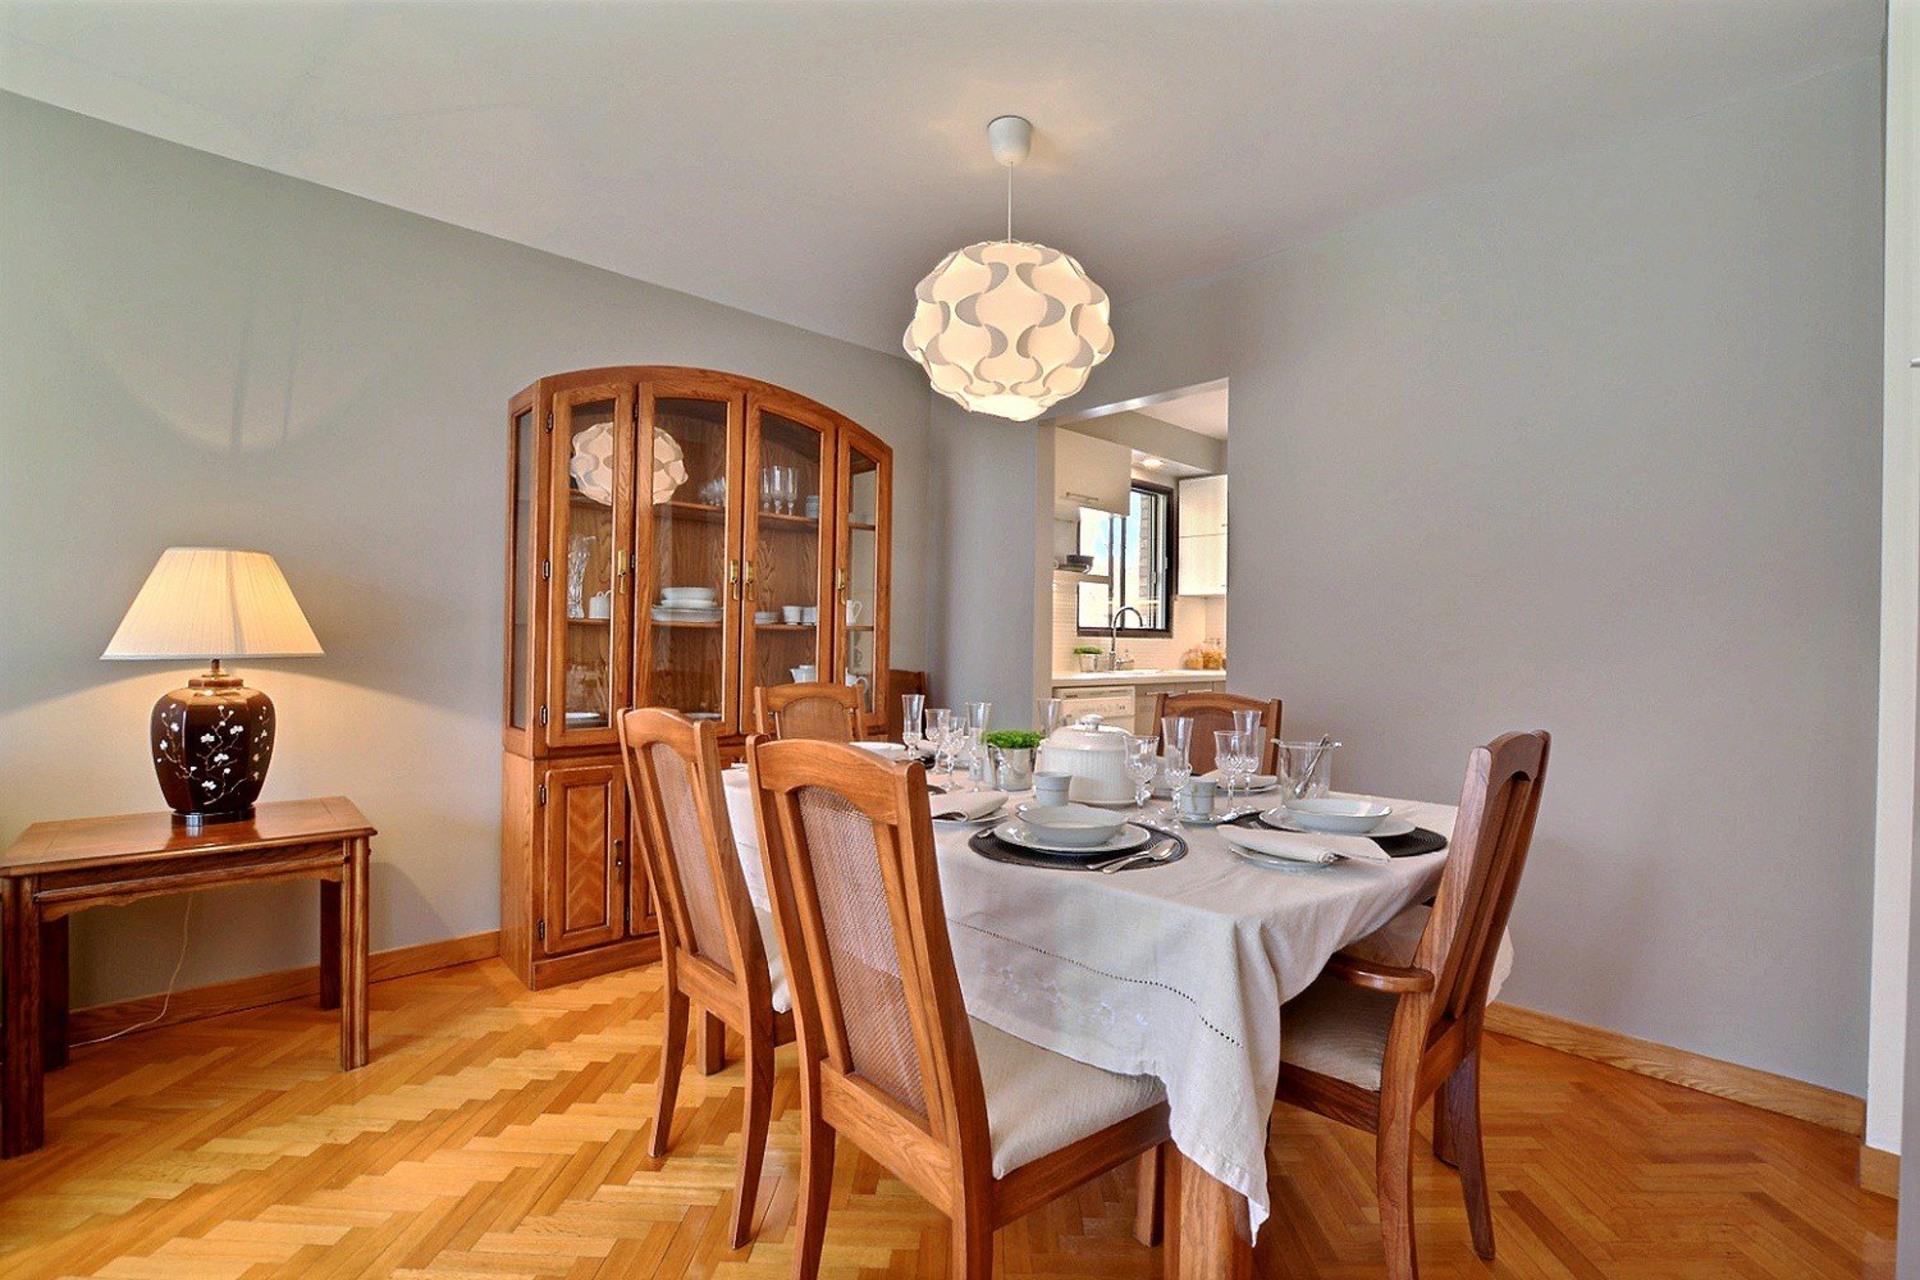 image 4 - Appartement À vendre Montréal Ahuntsic-Cartierville  - 7 pièces